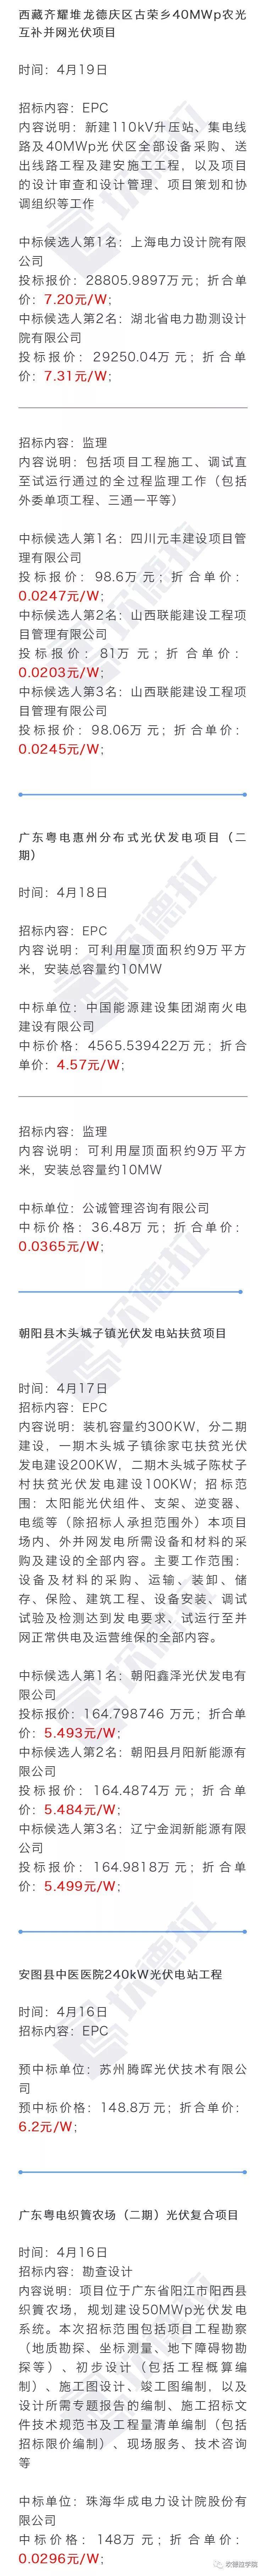 【价格风向标0422】光伏组件、EPC、监理等价格信息